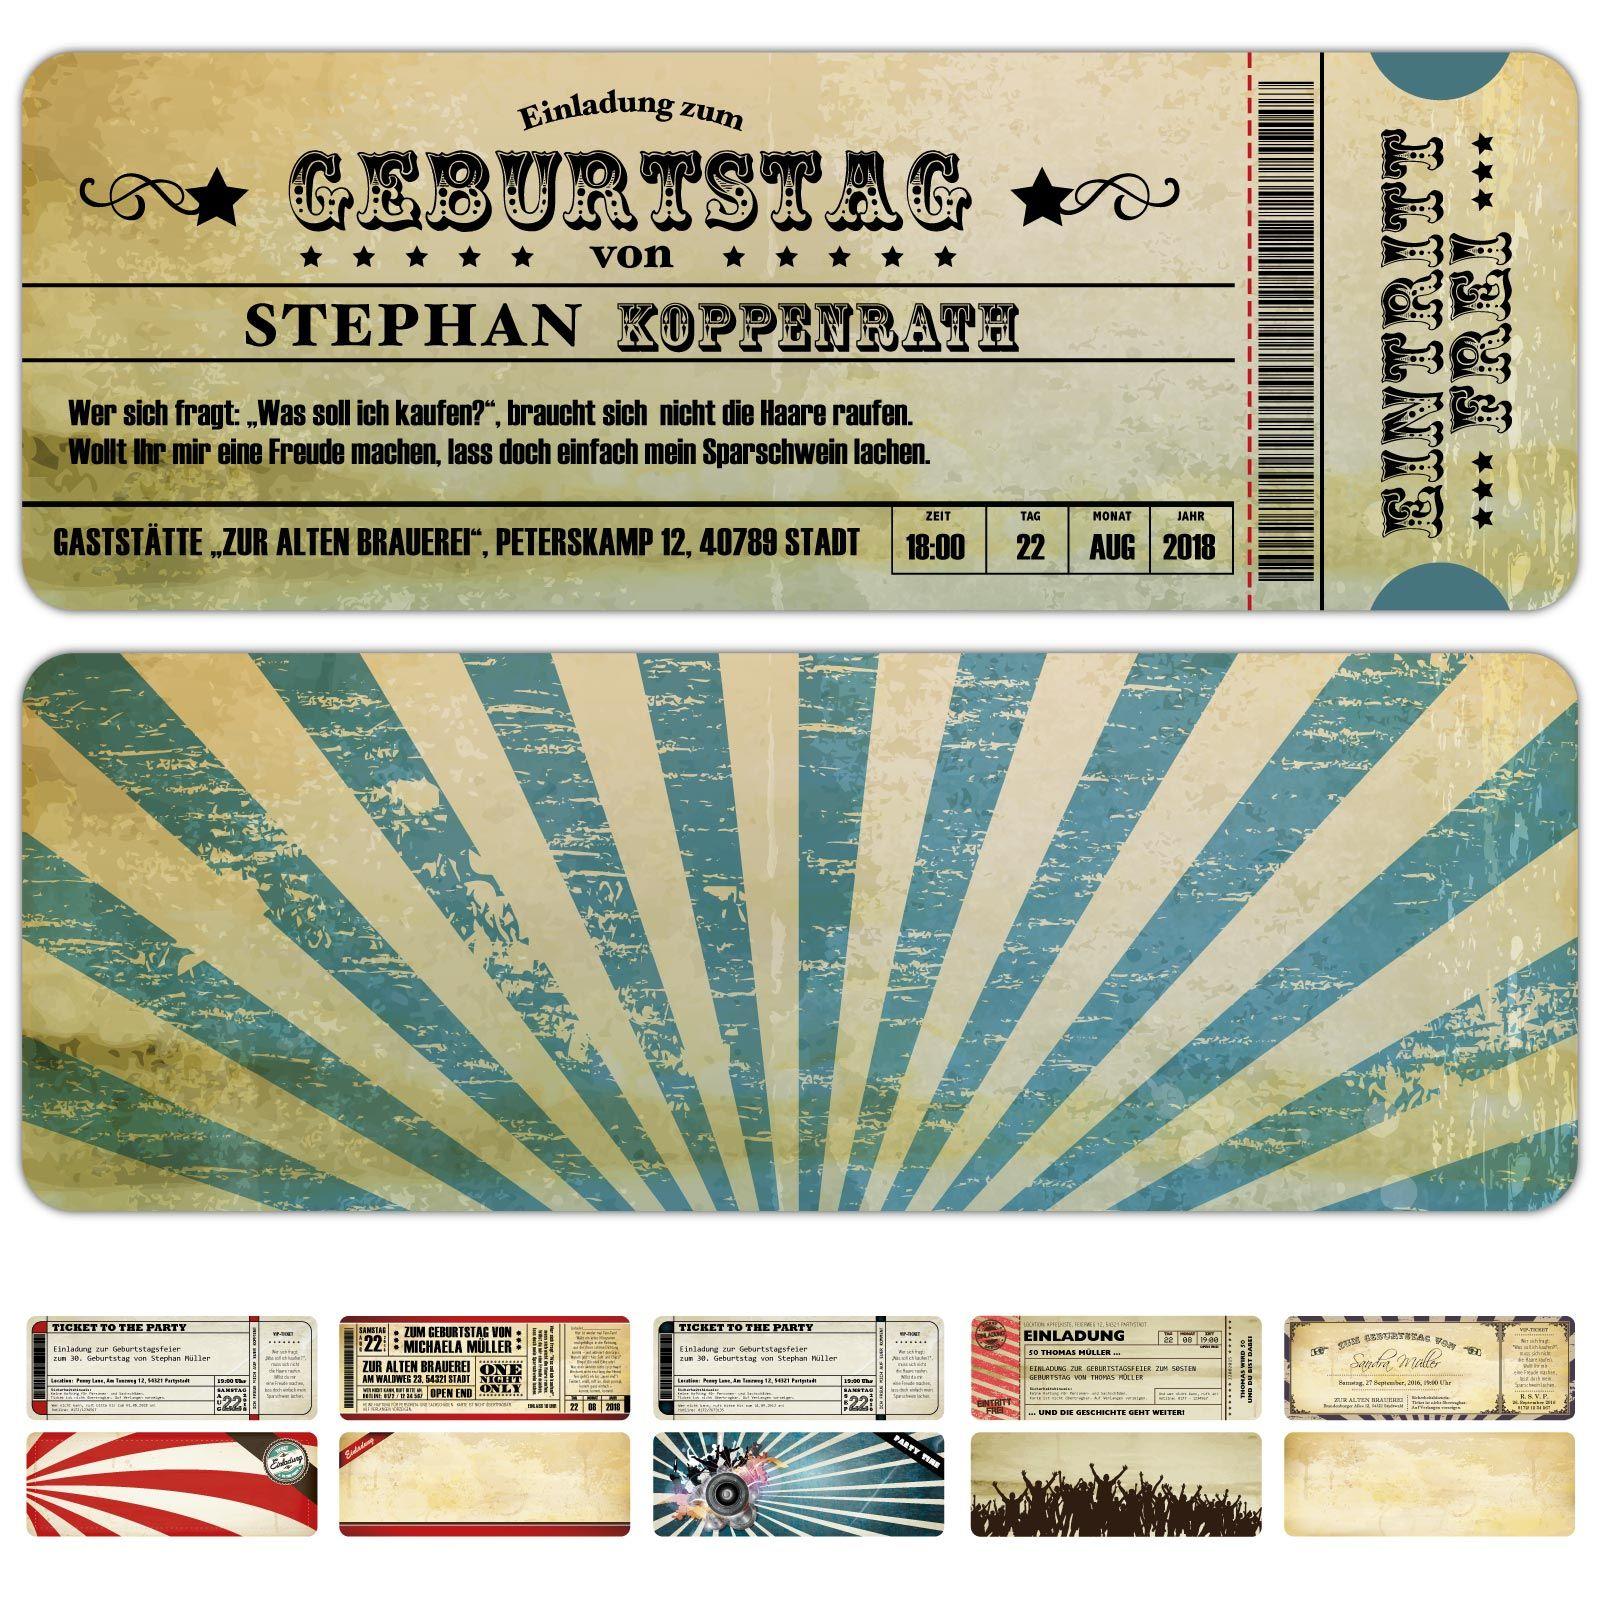 Einladungskarten Zum Geburtstag Als Eintrittskarte Im Vintage Stil Mit  Abriss U2013 Sonderformat   Kartenparadies